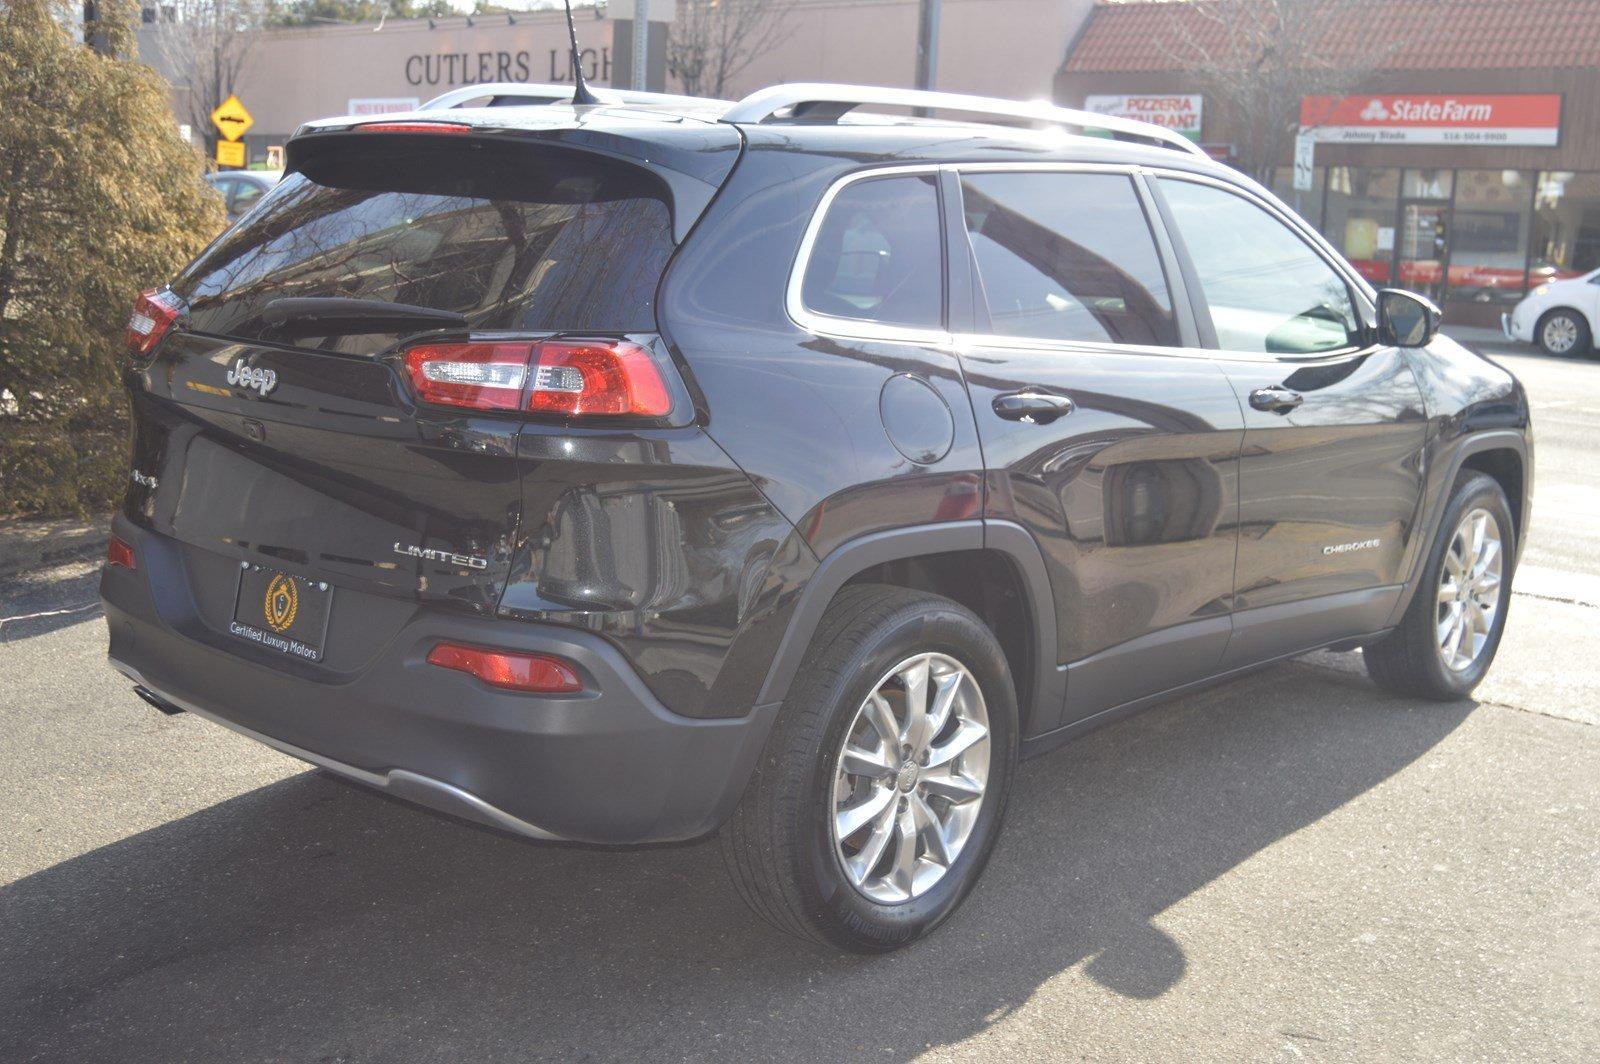 Used-2016-Jeep-Cherokee-Limited-(Navi,Sunroof)